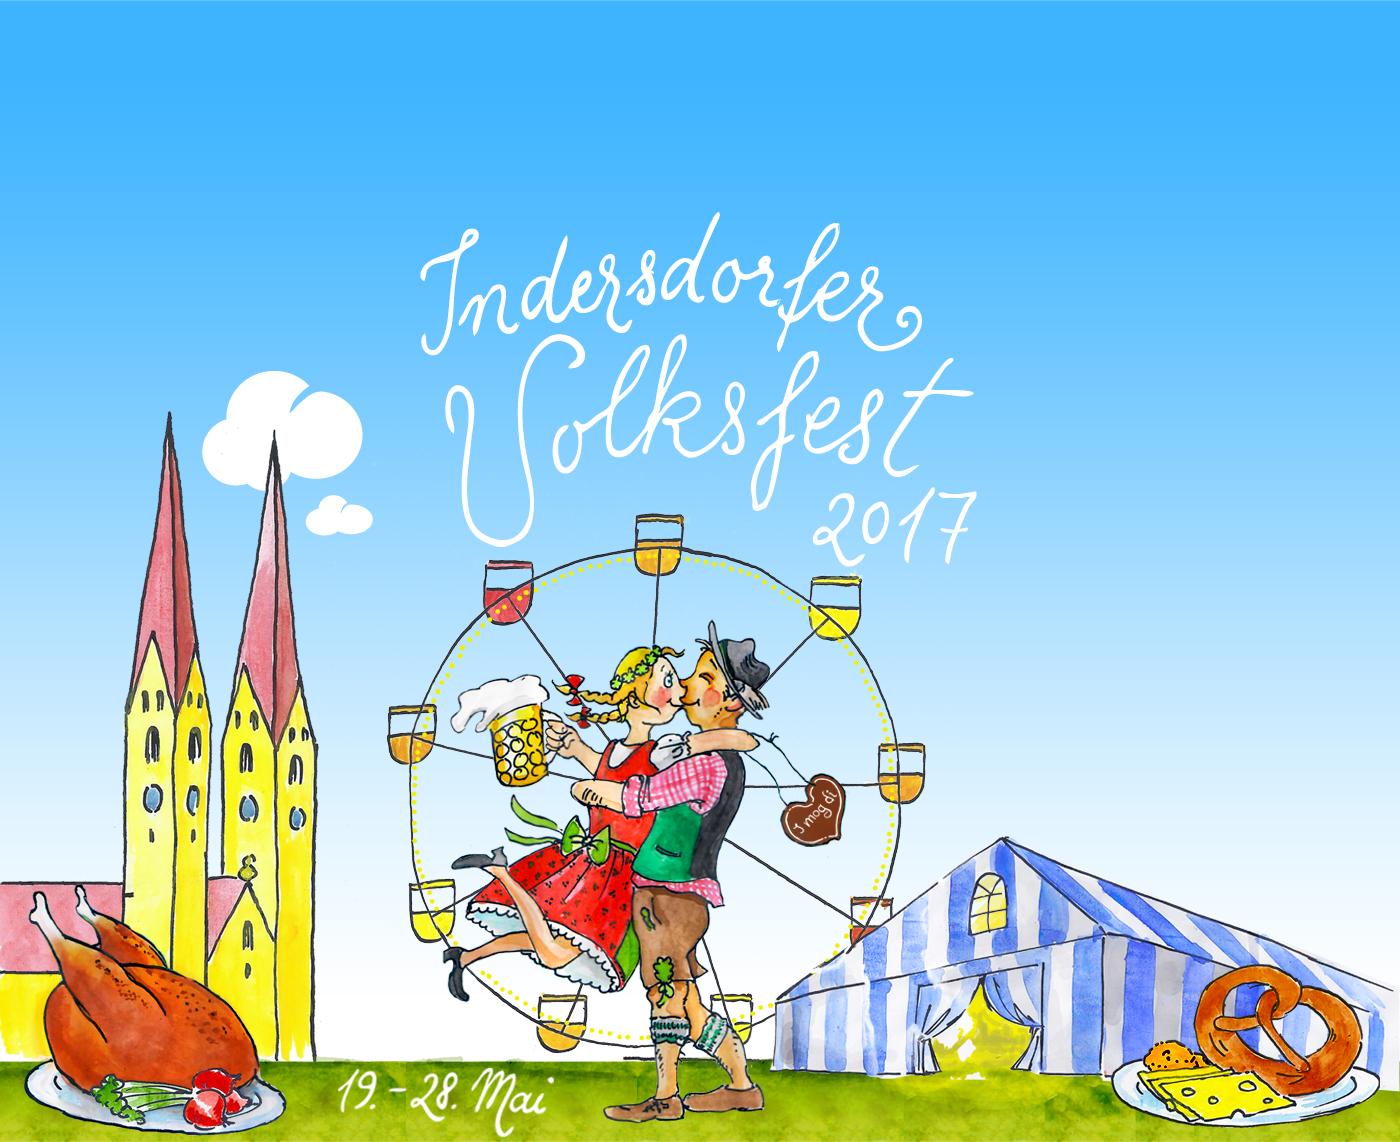 Indersdorfer Volksfest